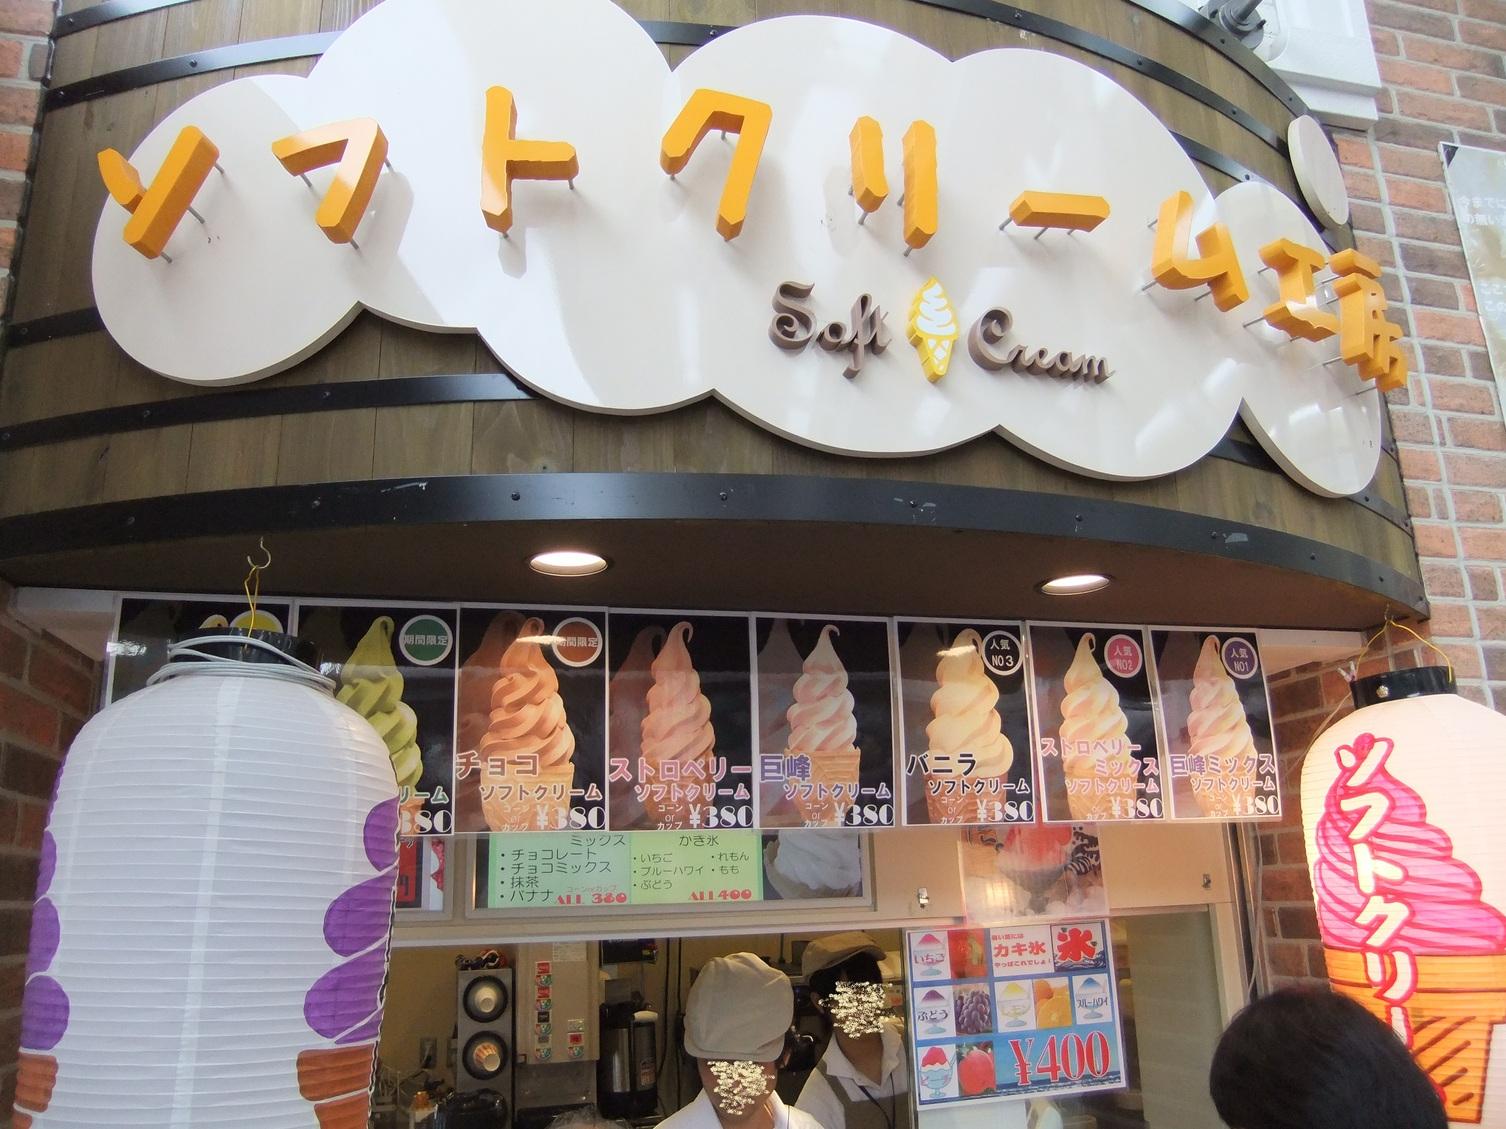 ソフトクリーム工房